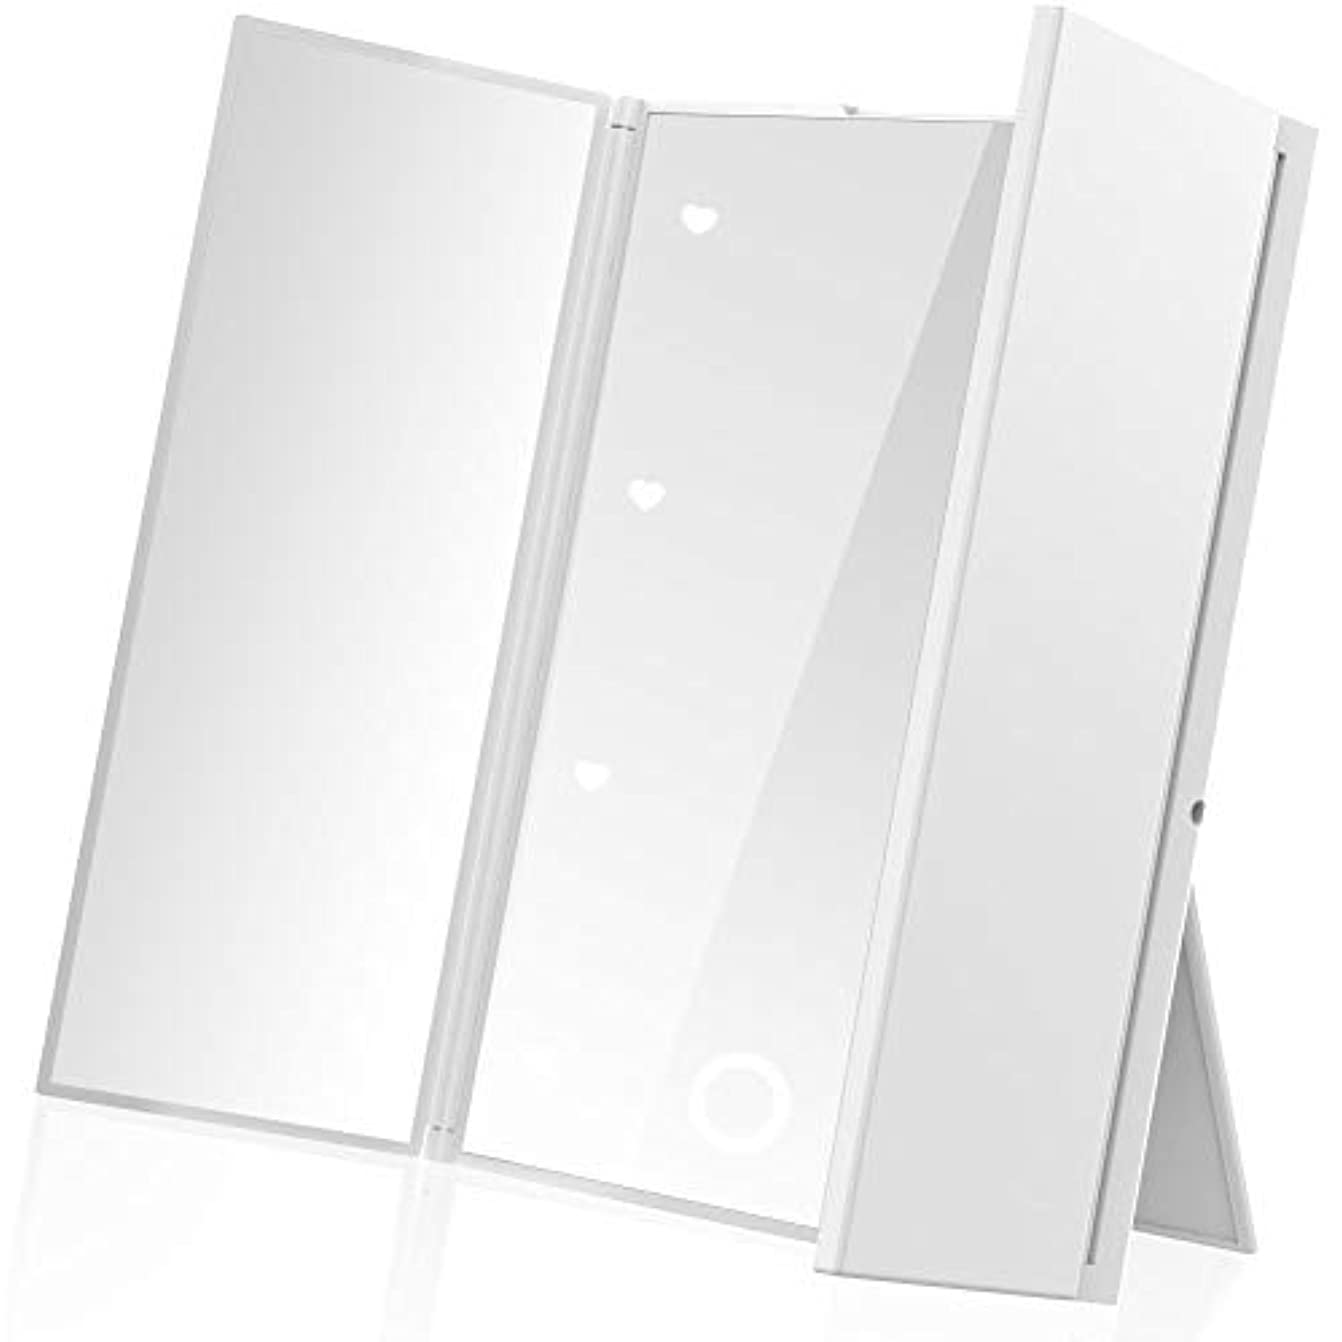 おしゃれじゃない哲学者新聞LEEPWEI 鏡 卓上 スタンドミラー 三面鏡 化粧鏡 メイクミラー折りたたみ式 コンパックトLEDライト付き 電池型 持ち運び便利 (ホワイト)